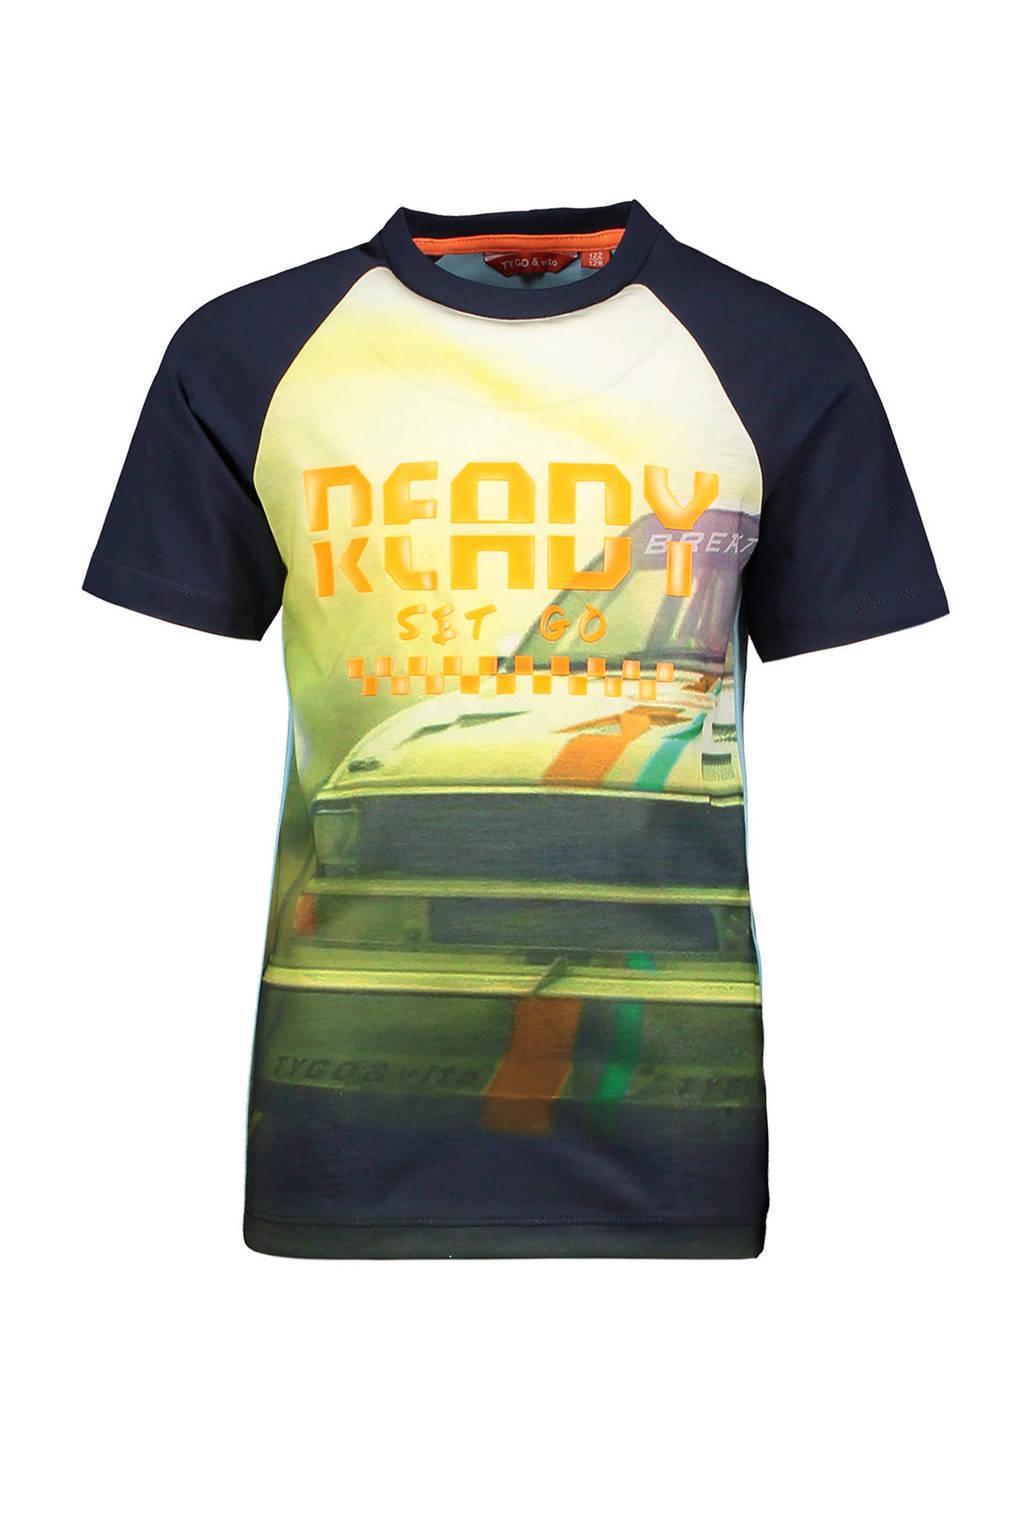 TYGO & vito T-shirt met printopdruk donkerblauw/oranje, Donkerblauw/oranje